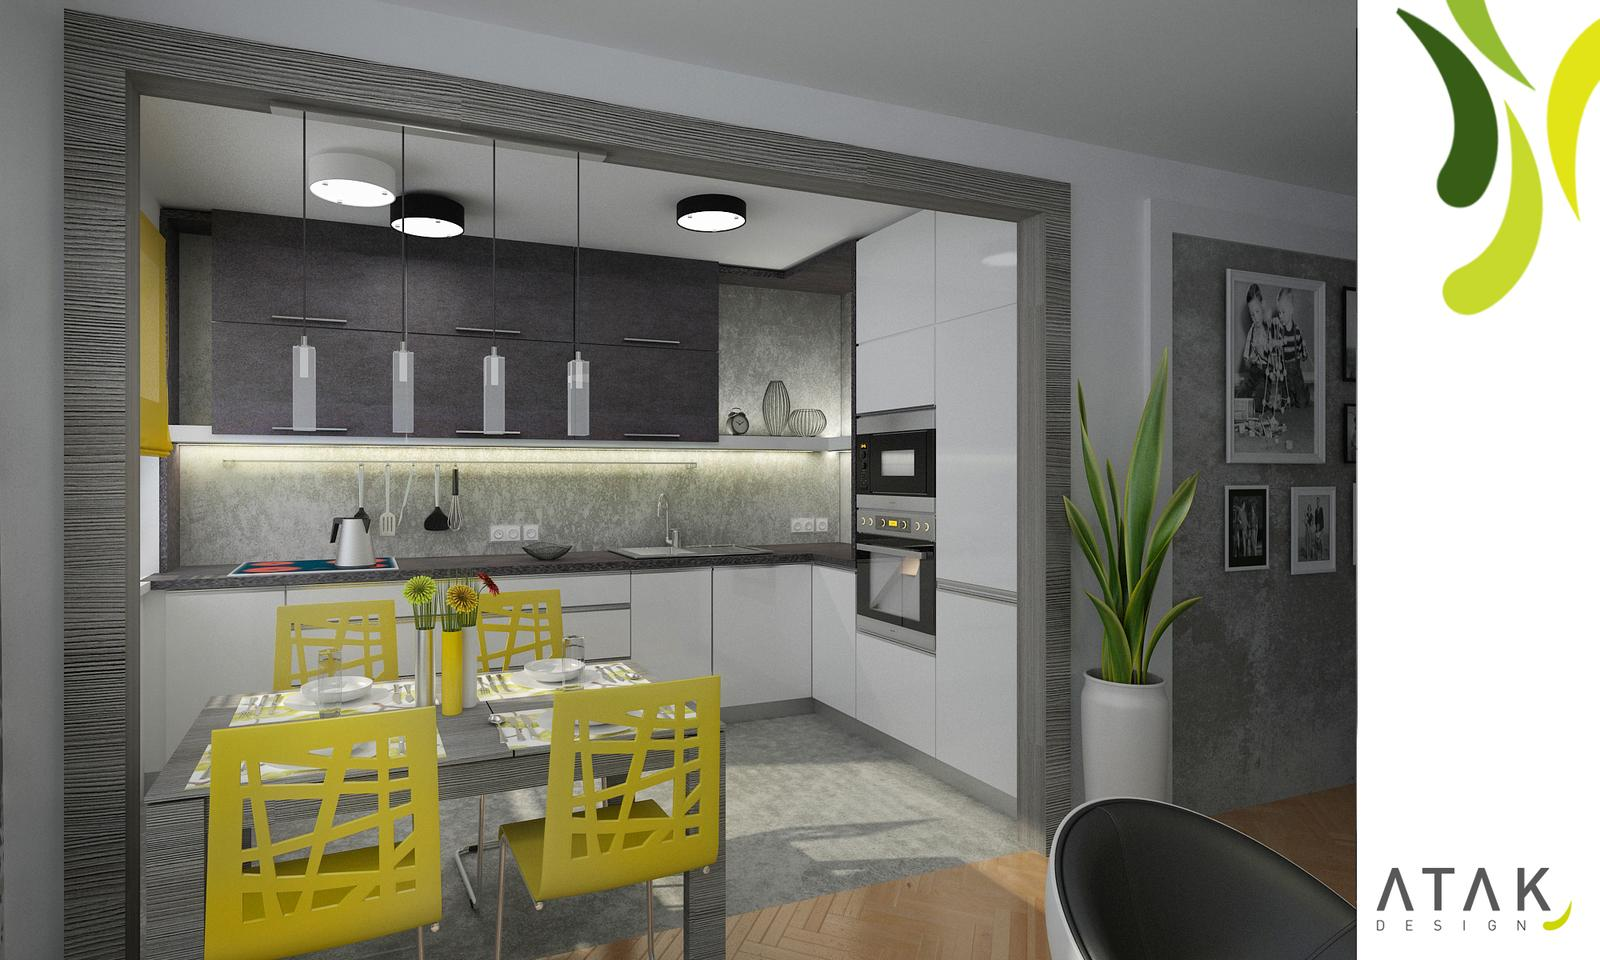 Kompletní rekonstrukce bytu 3+1 - vizualizace, vybrané zařízení a plány - Vizualizace varianta 1